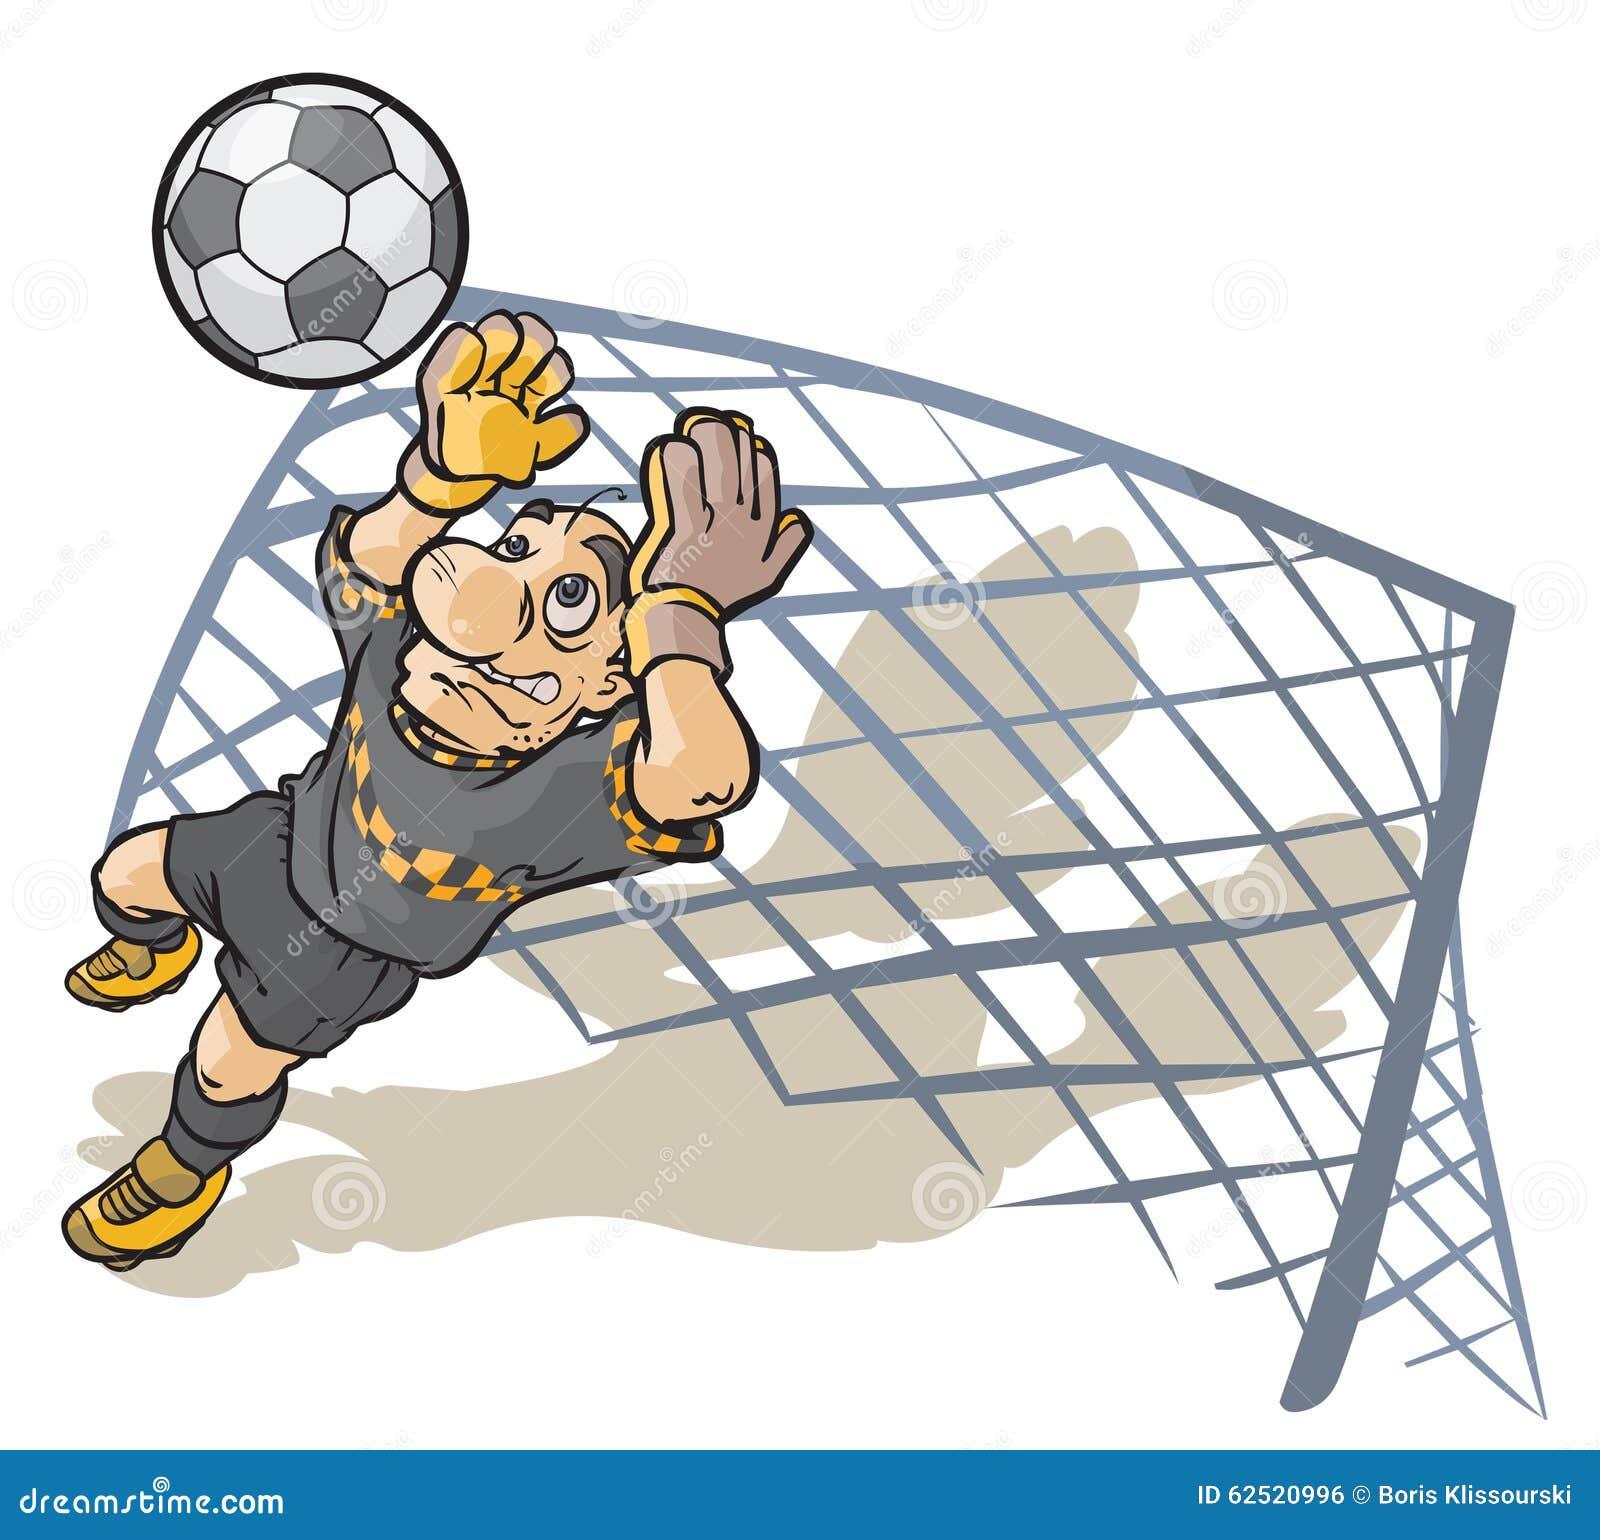 足球守门员 动画片男性角色.图片